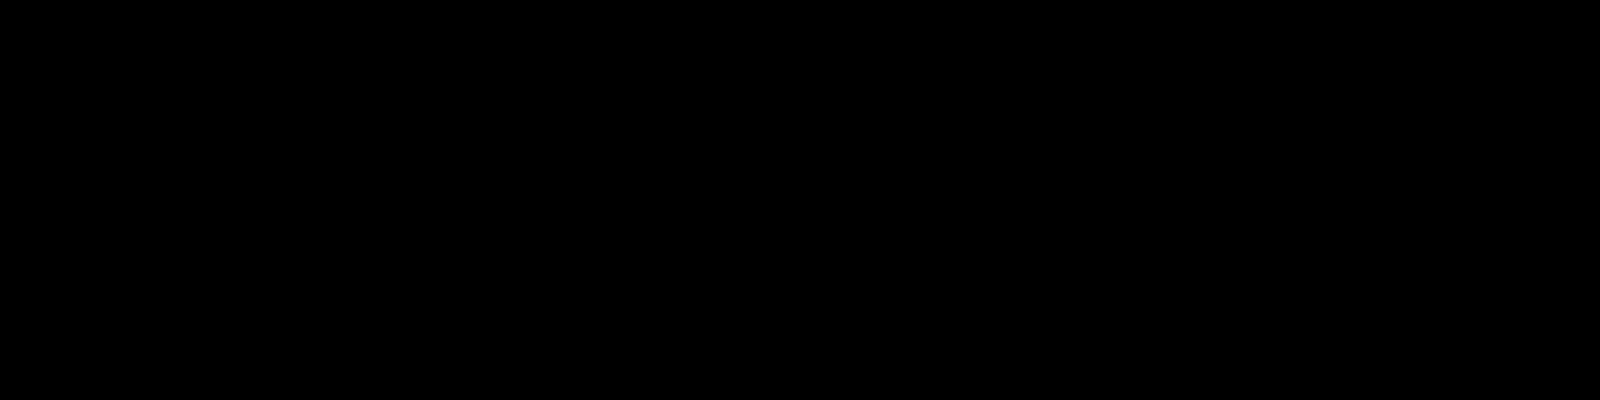 1600-400noir